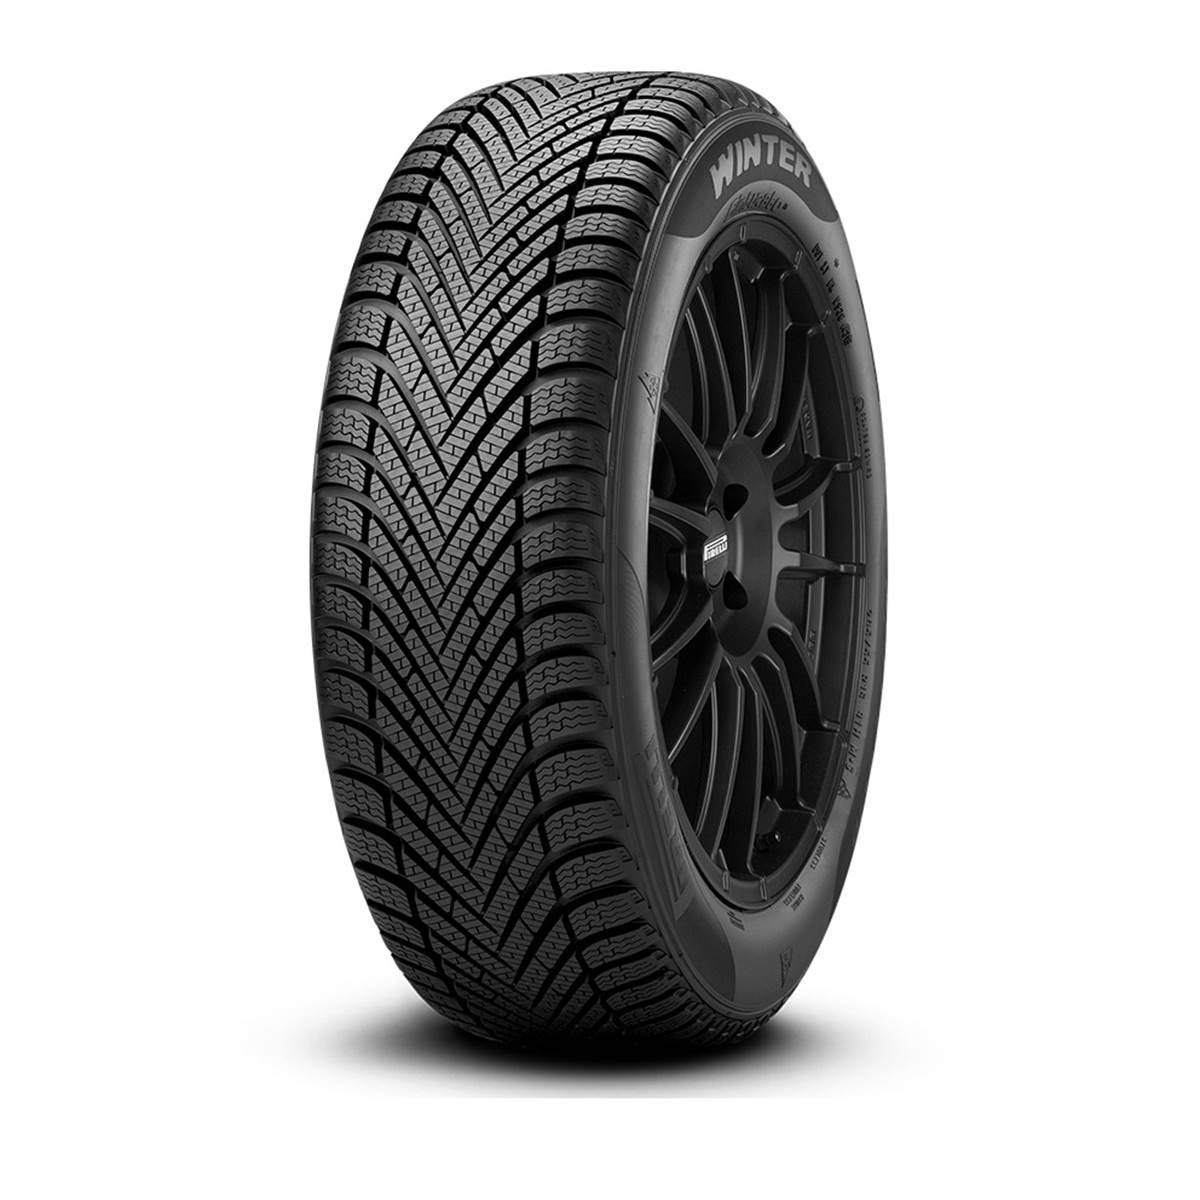 Pneu Hiver Pirelli 165/65R15 81T Cinturato Winter